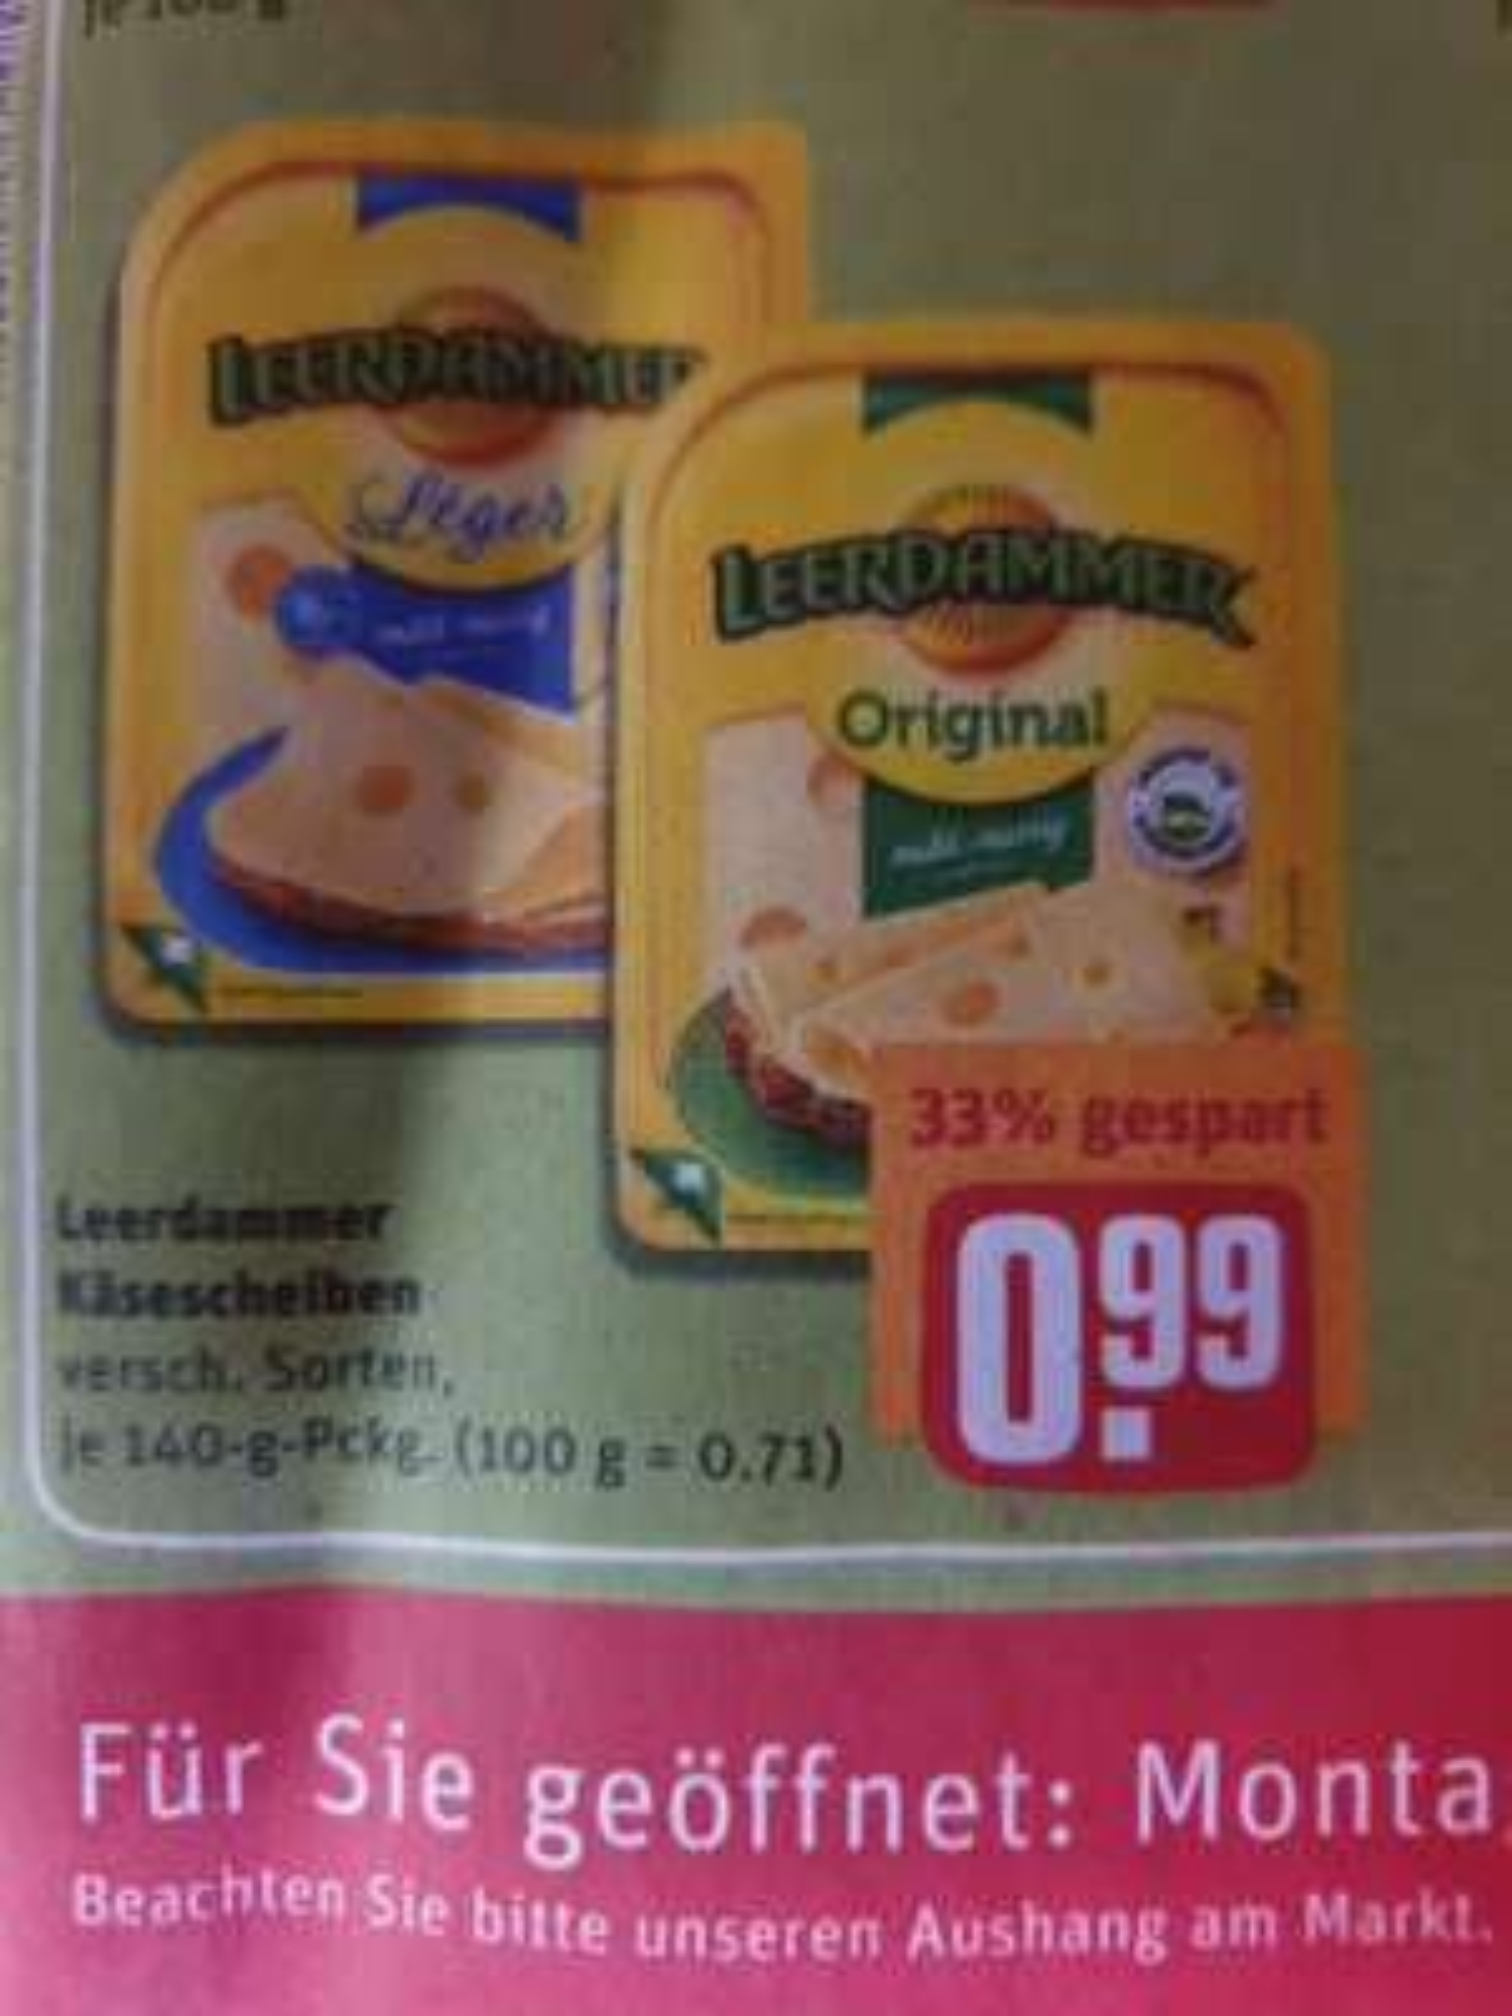 (Rewe) 5 versch. Sorten Leerdammer Käsescheiben 140gr. für 0,99€ auch Käsetrio,Dr.Oetker Baquette 1,11€,10x0,33l Coca-Cola 3,79€ + Magnum